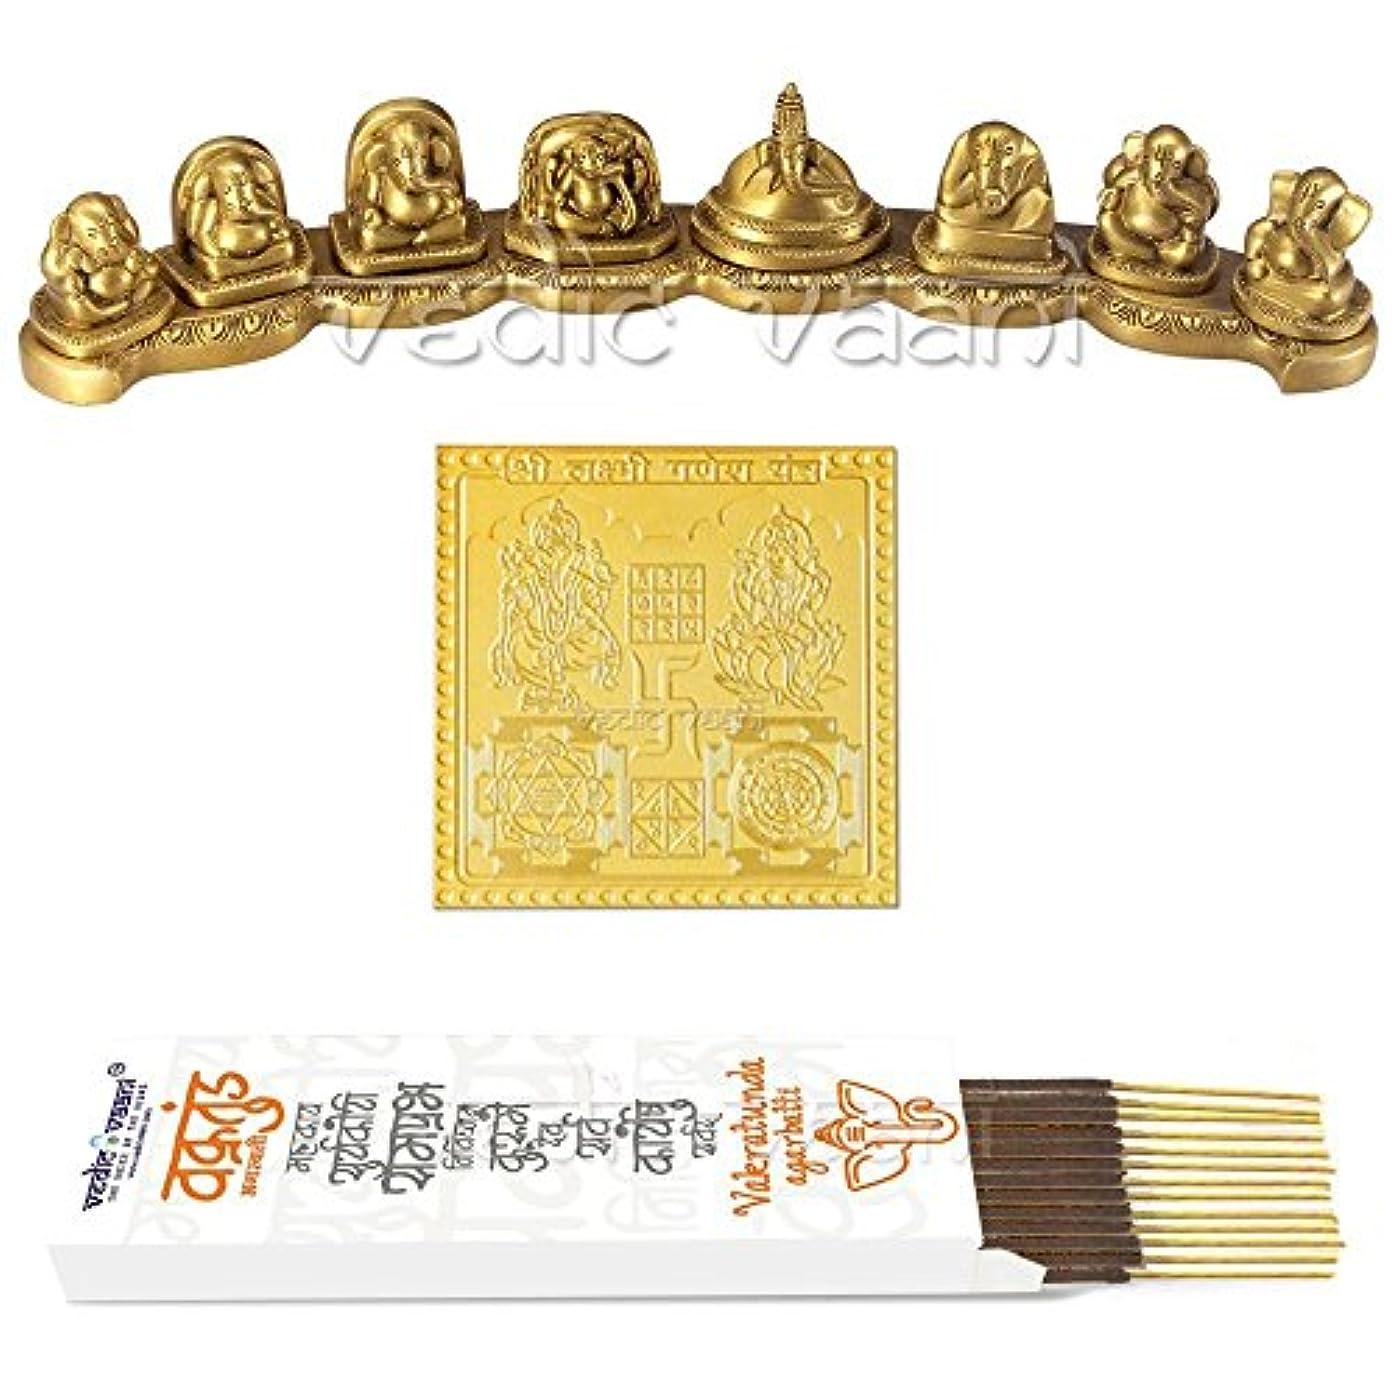 虚栄心勤勉献身Ashtavinayak Ganpati Bappa Idol In Brass WithヤントラとVakratund Incense Sticks – Vedic Vaani